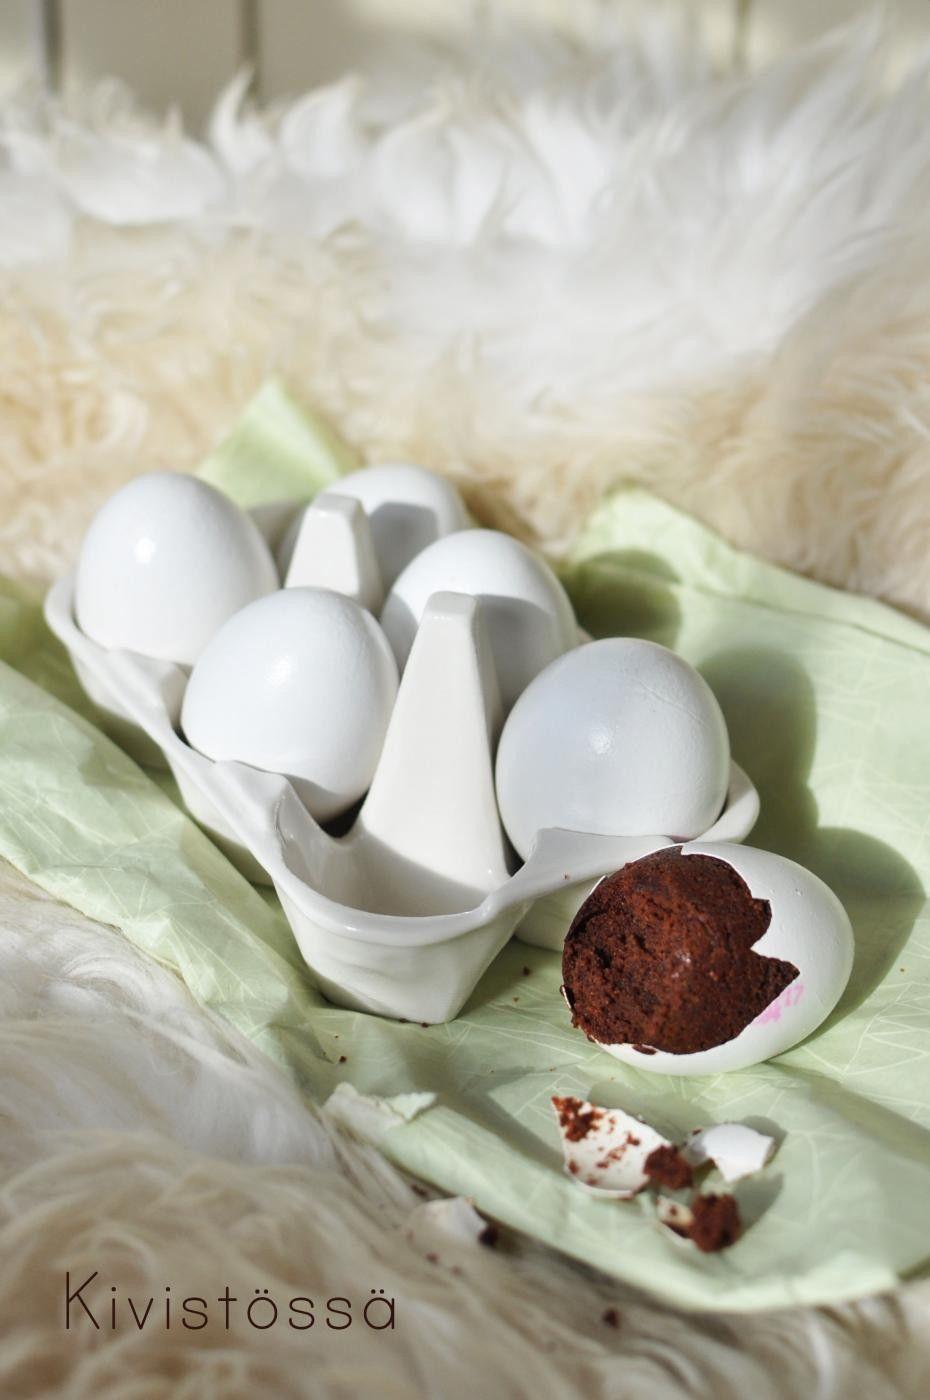 Kadehdin ihmisiä, jotka tykkäävät nugaasta. Ihan vain siksi, että Mignon-munat ovat sympaattisimpia makeisia maan päällä.